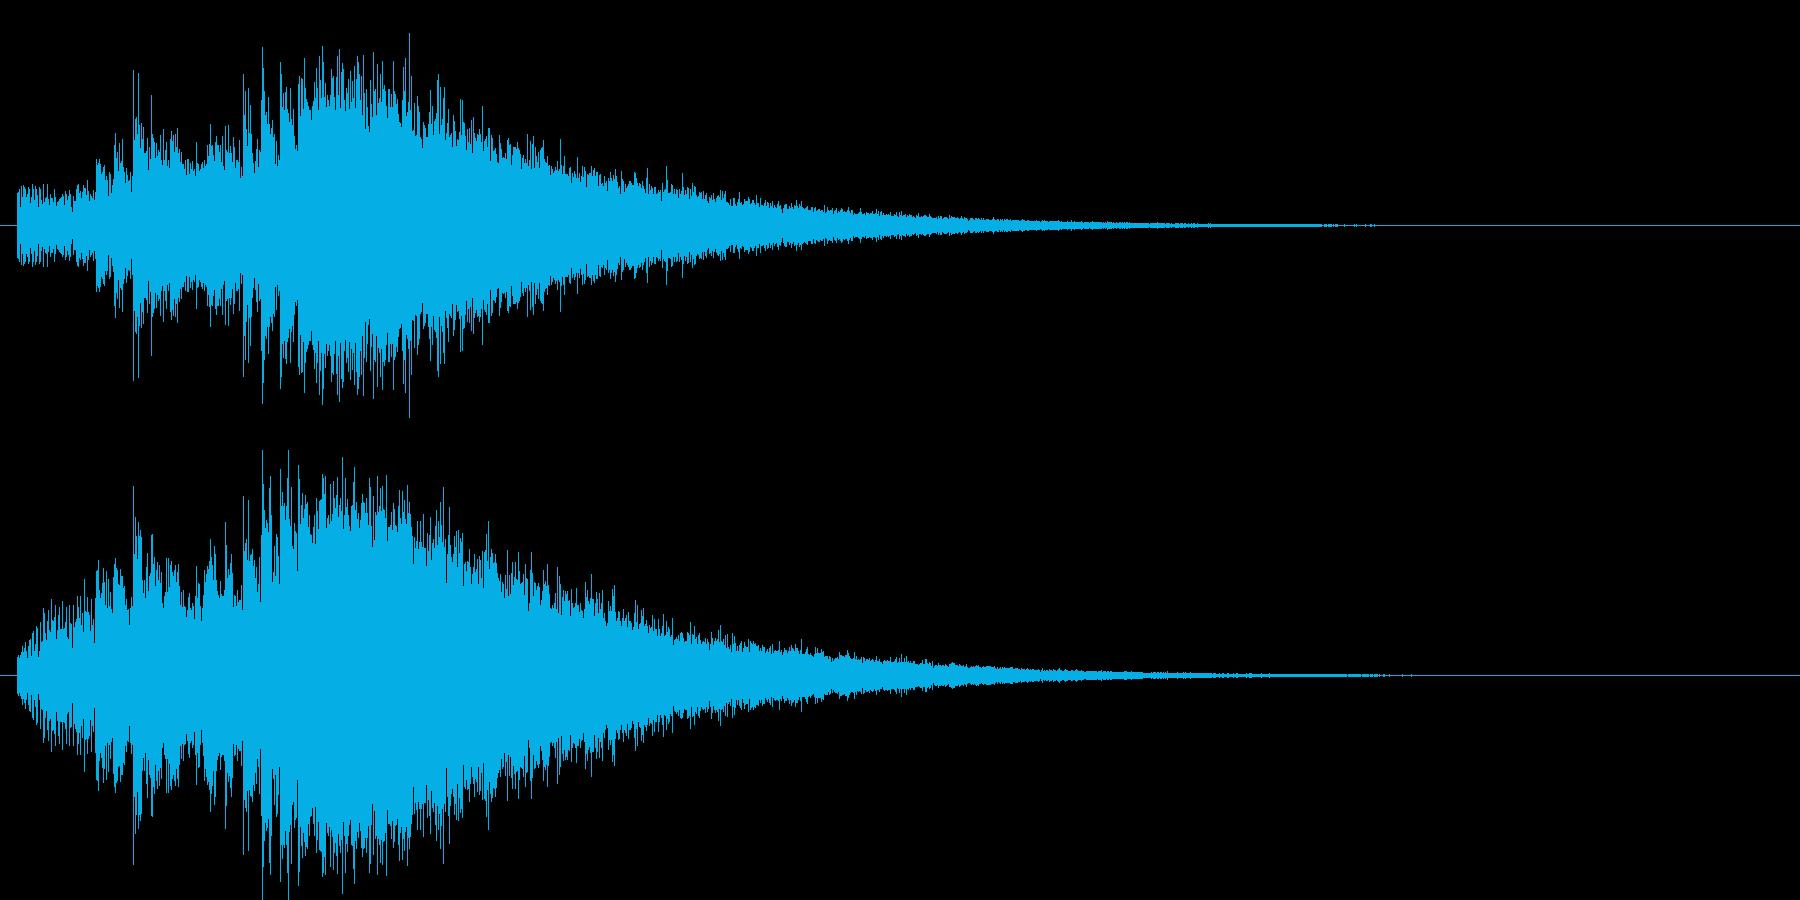 神秘的な上昇系の効果音の再生済みの波形